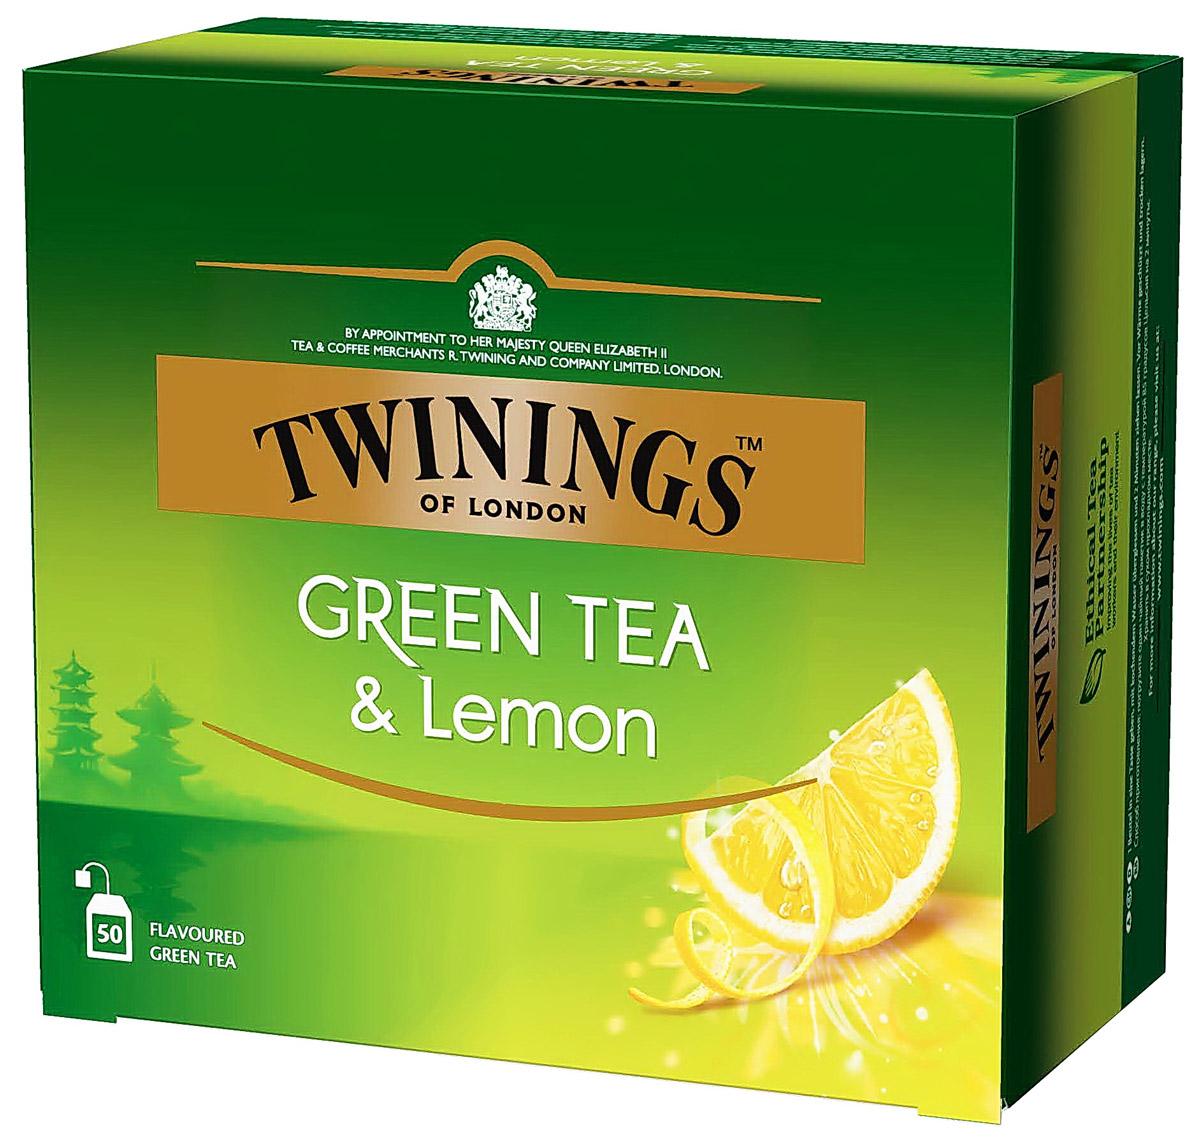 Twinings Green Tea & Lemon зеленый чай с цедрой лимона в пакетиках, 50 шт070177233044Twinings Green Tea & Lemon - уникальная смесь зеленого чая с добавлением лимонной цедры.Уважаемые клиенты! Обращаем ваше внимание на то, что упаковка может иметь несколько видов дизайна. Поставка осуществляется в зависимости от наличия на складе.Всё о чае: сорта, факты, советы по выбору и употреблению. Статья OZON Гид